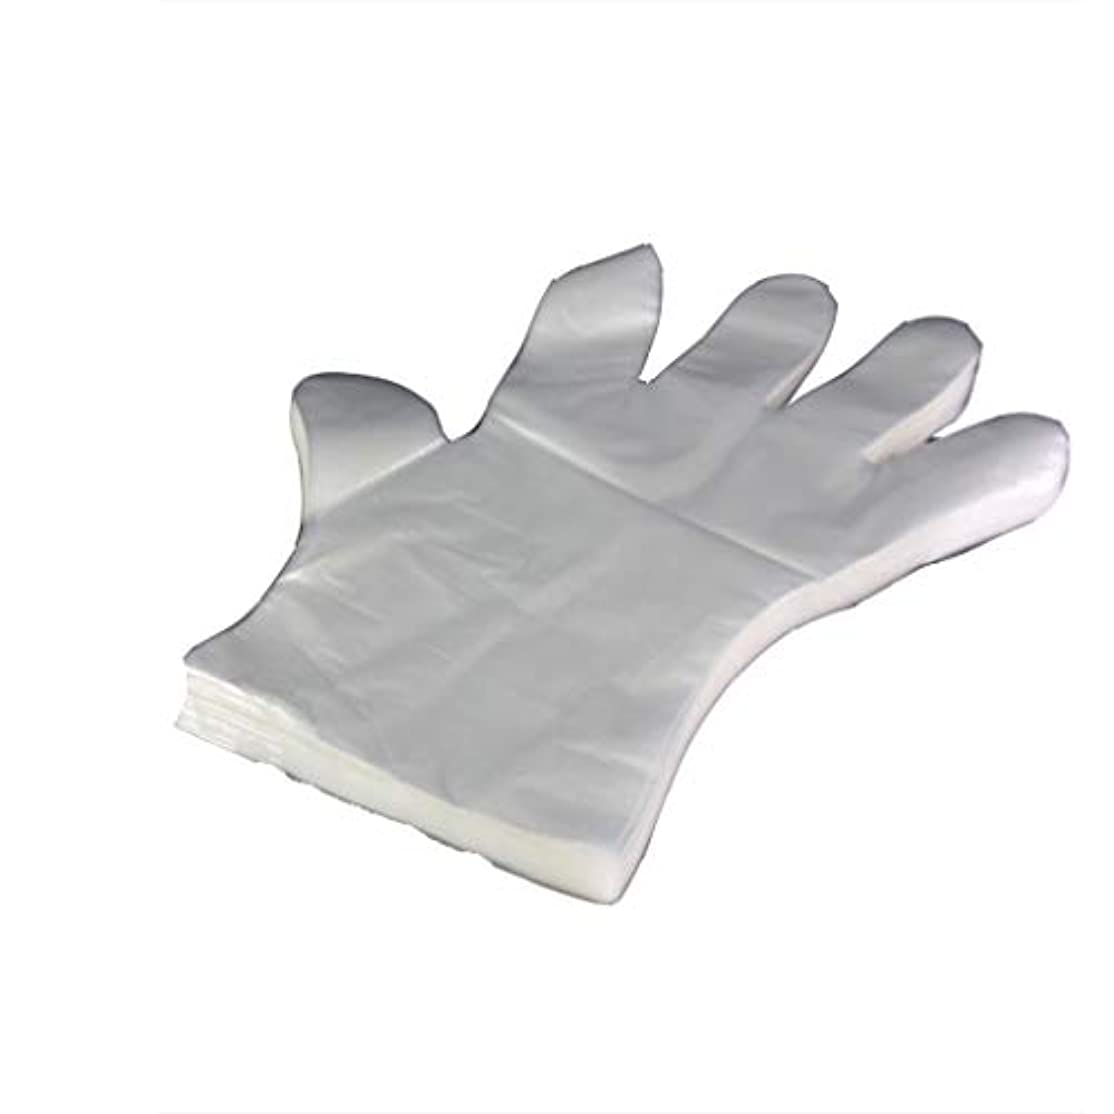 ショートカットロッジケージ使い捨て手袋PEフィルムプラスチック化粧グローブフィルム透明増粘200袋 (UnitCount : 200only)